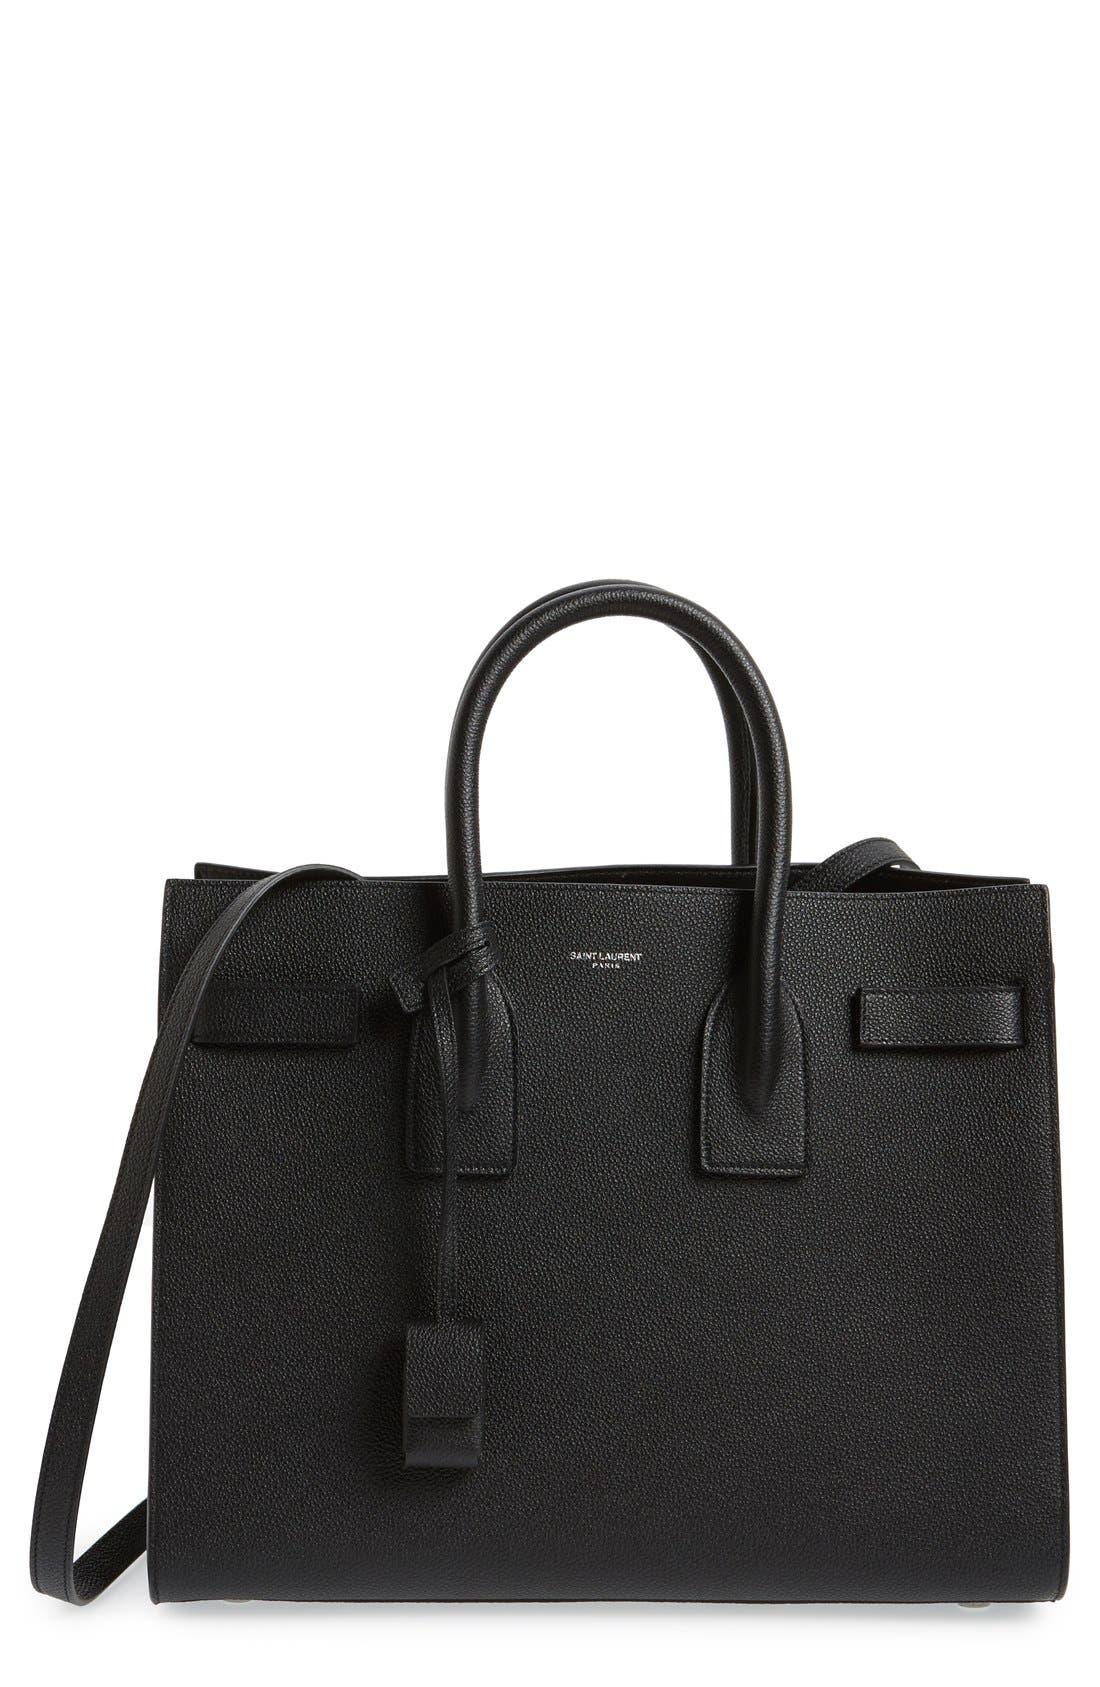 'Small Sac de Jour' Leather Tote,                         Main,                         color, Noir